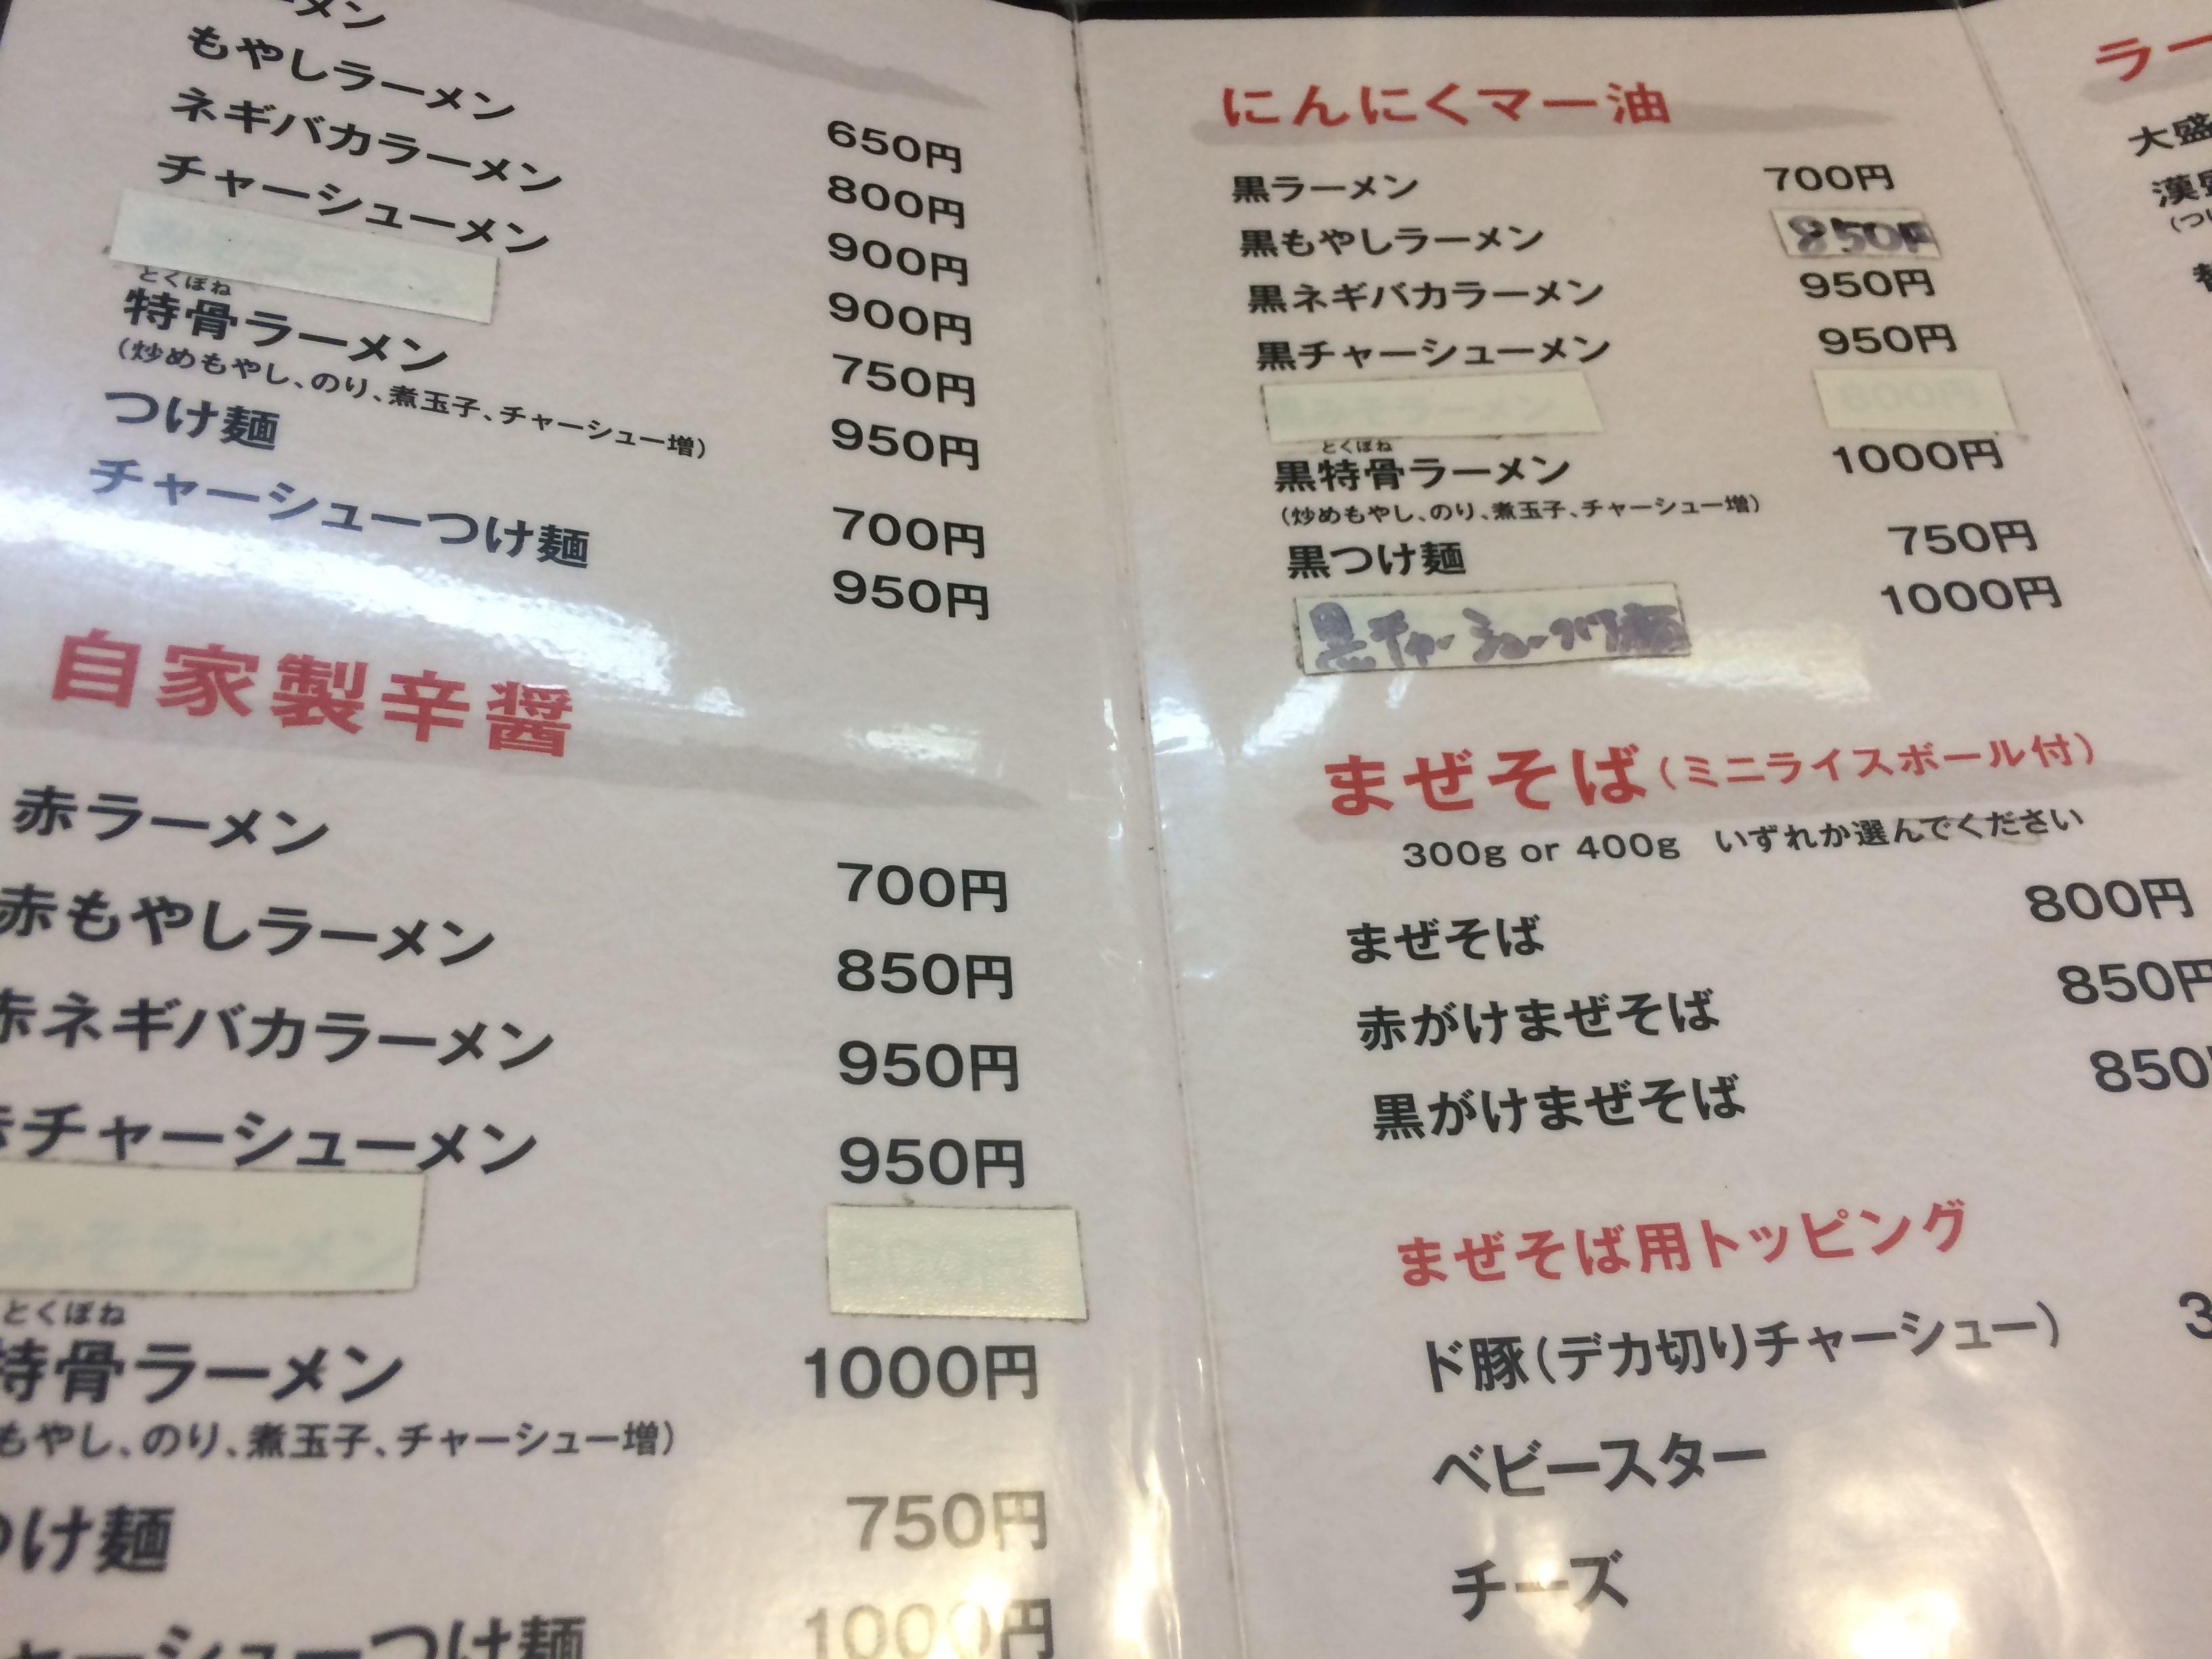 みとん今治,骨太味覚,ラーメン,桜井,ボリューム満点